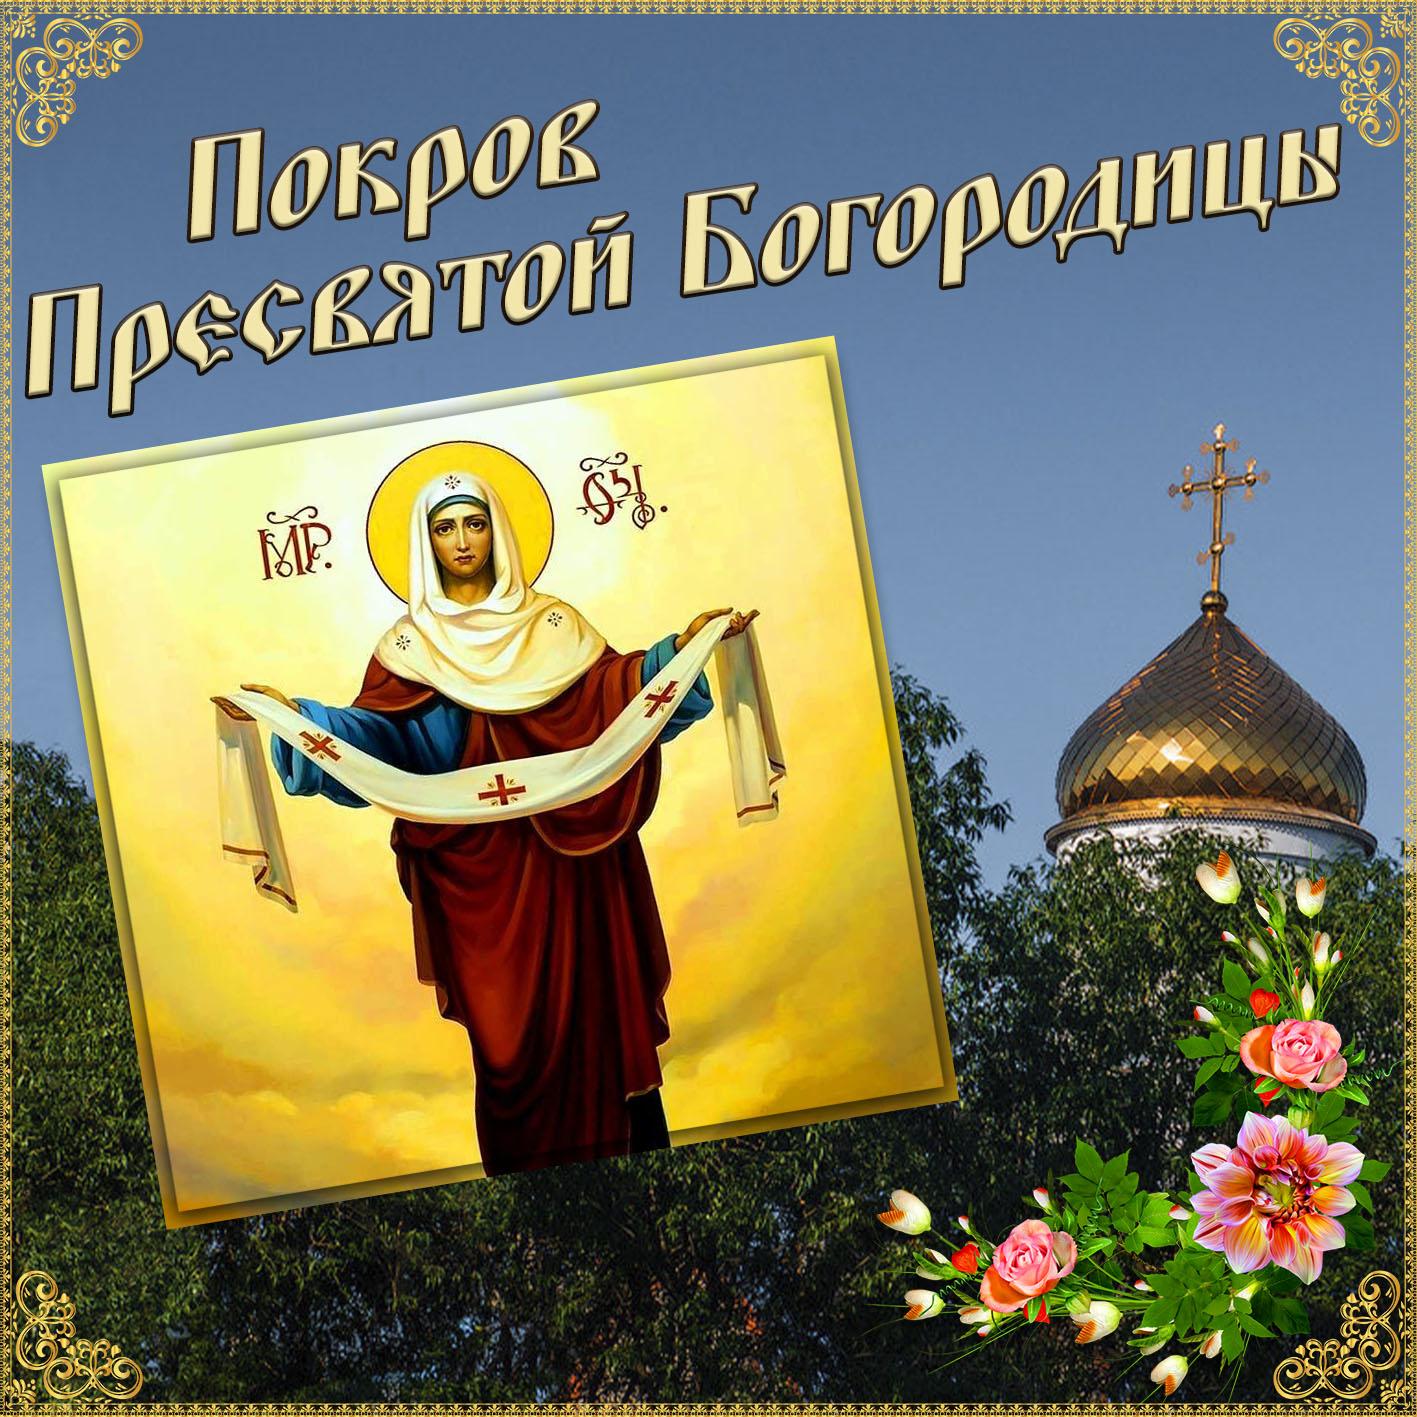 Открытка с иконой на Покров Пресвятой Богородицы